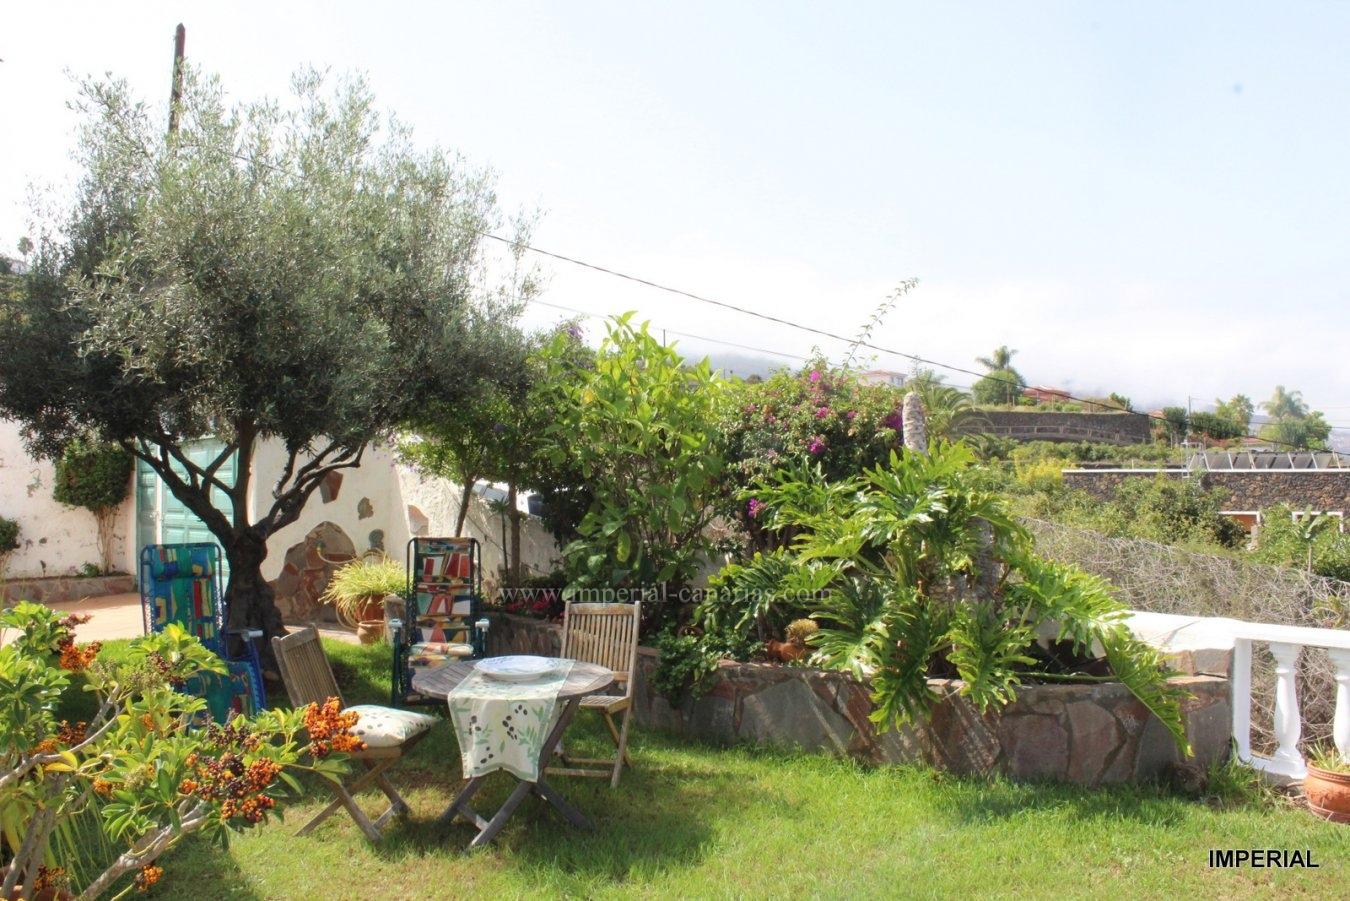 Fantastisches und schönes Einfamilienhaus mit zwei Etagen, mit vier Schlafzimmern, umgeben von einem Garten und mit spektakulärer Aussicht.